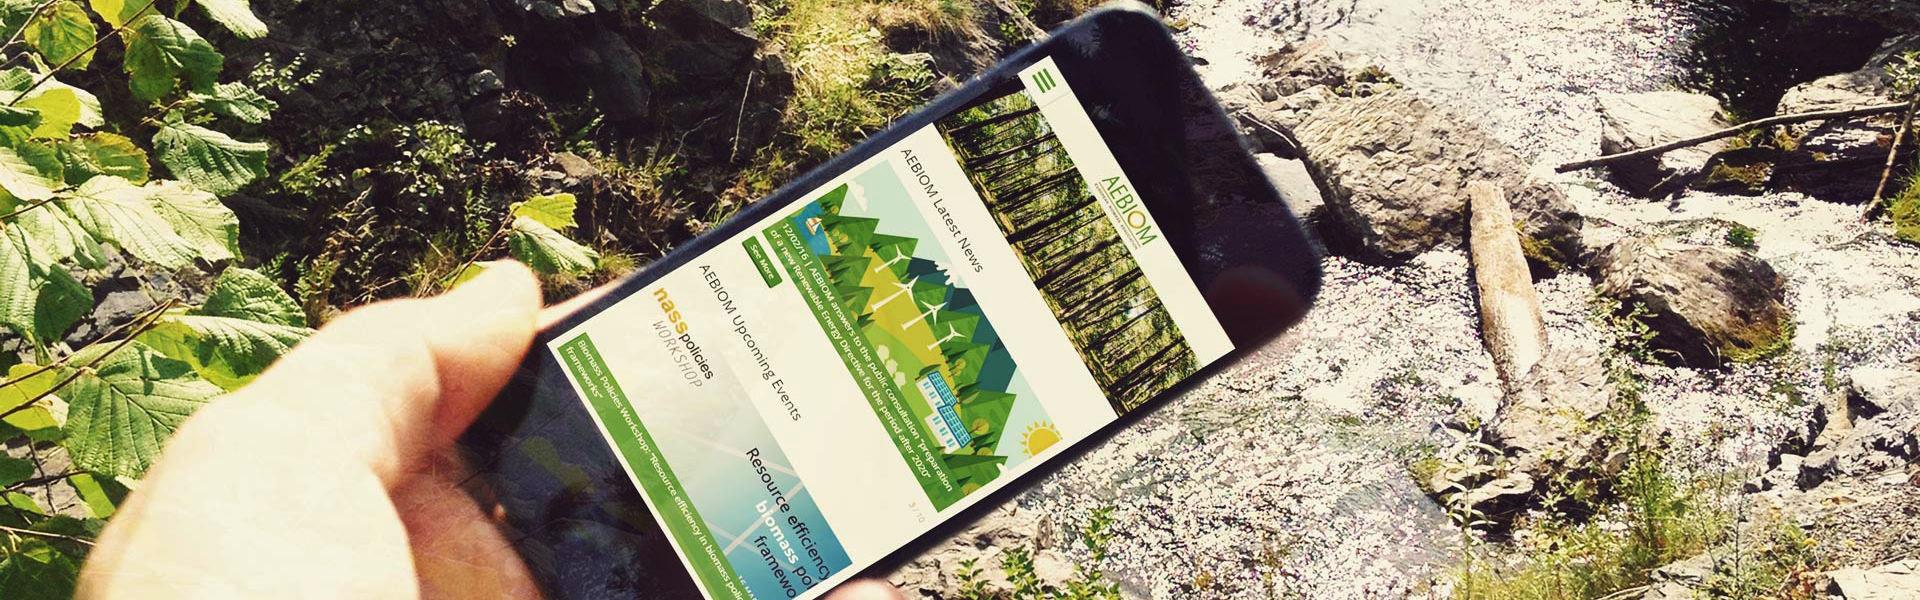 nature_phone